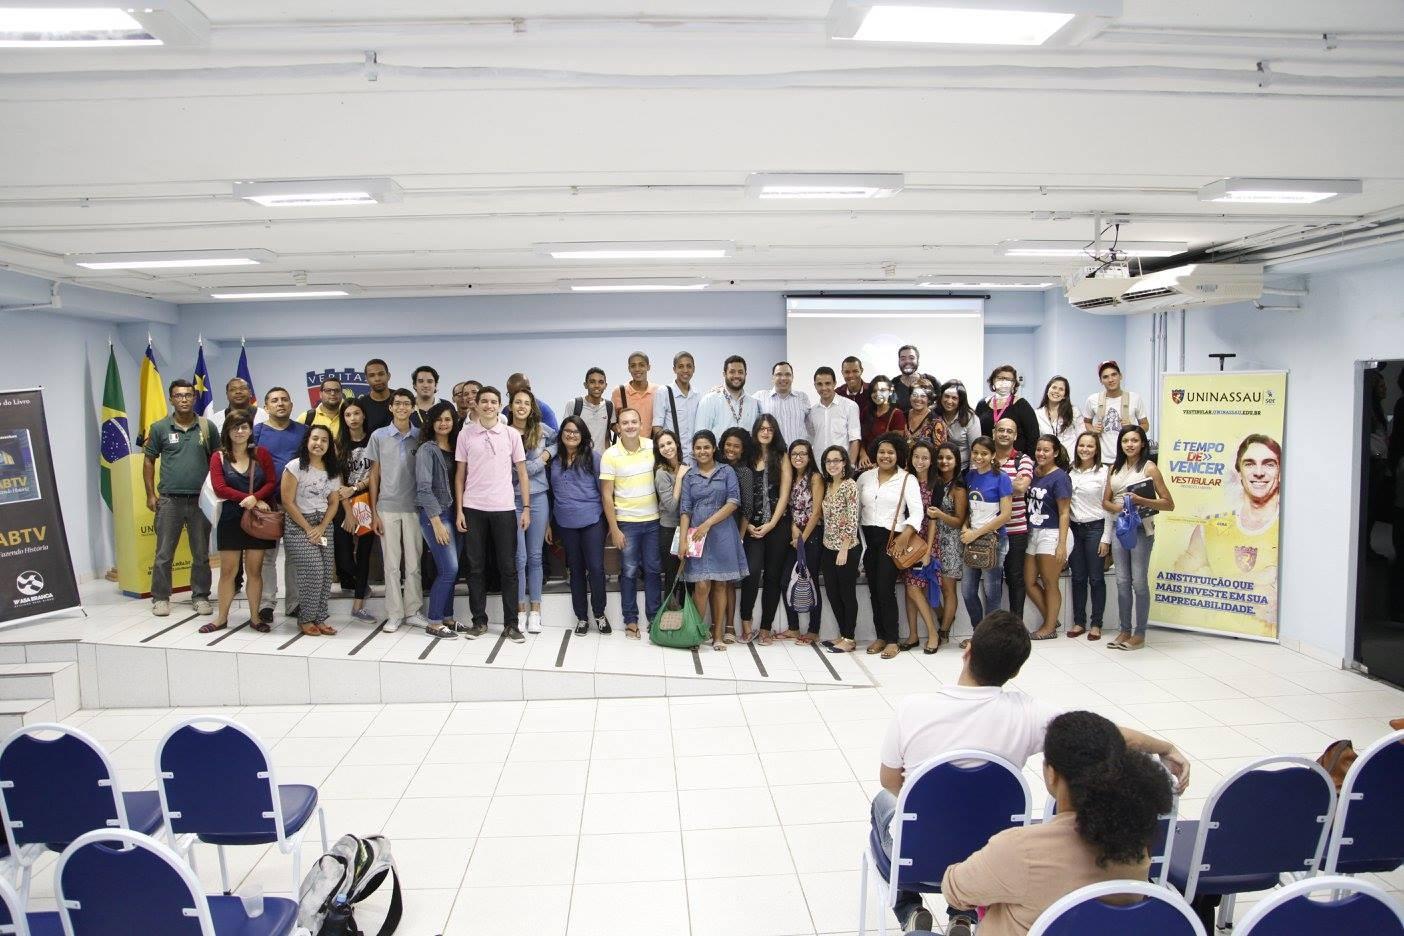 """Livro """"ABTV - Fazendo História"""" é lançado em faculdade do Recife, PE (Foto: Reprodução/ Facebook)"""